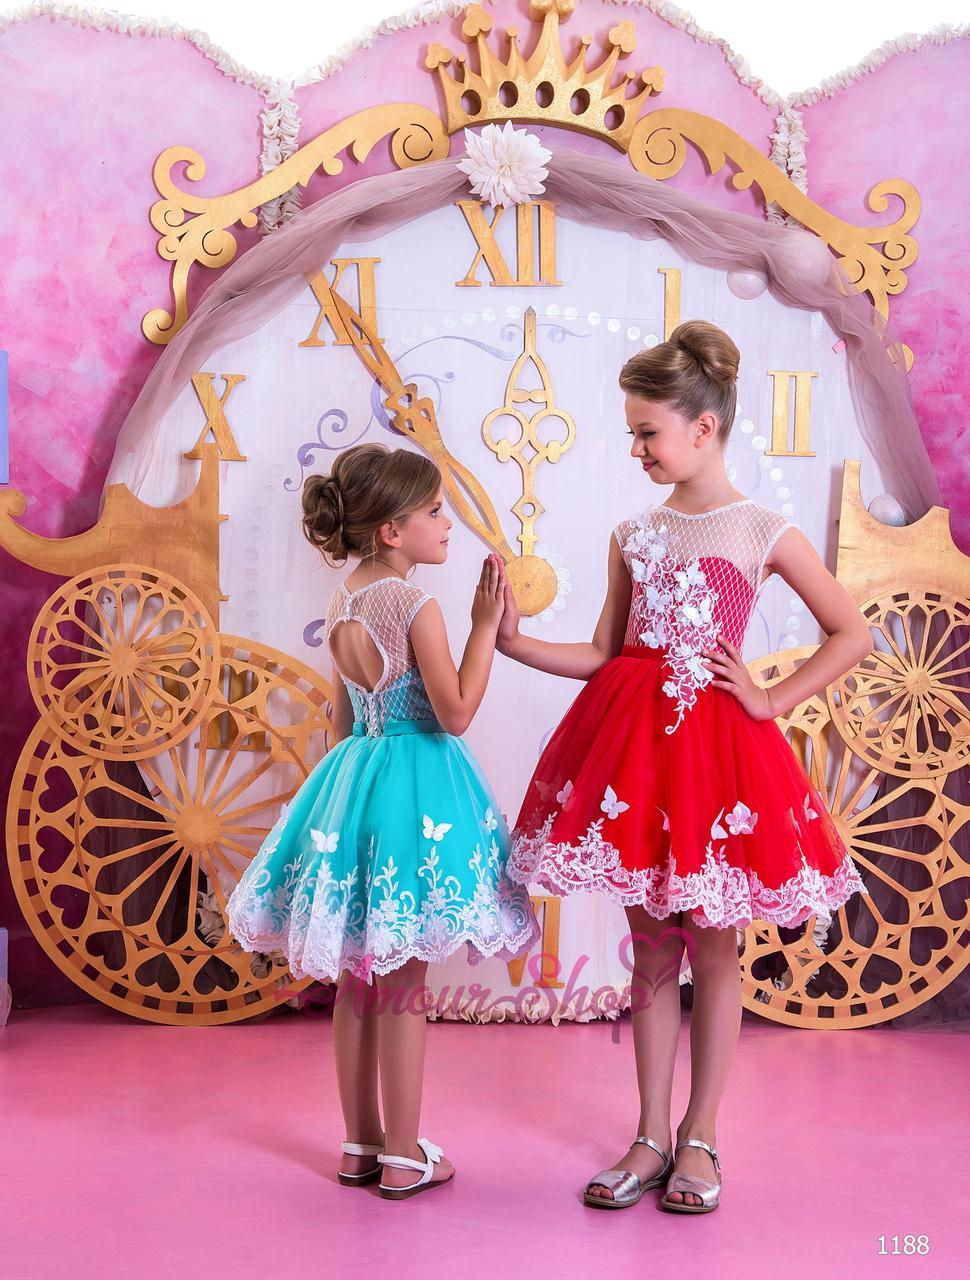 Дитяче нарядне плаття на дівчинку 4,5,6,7,8,9,10,11 років (випускний, в садочок, 4 клас), 1188